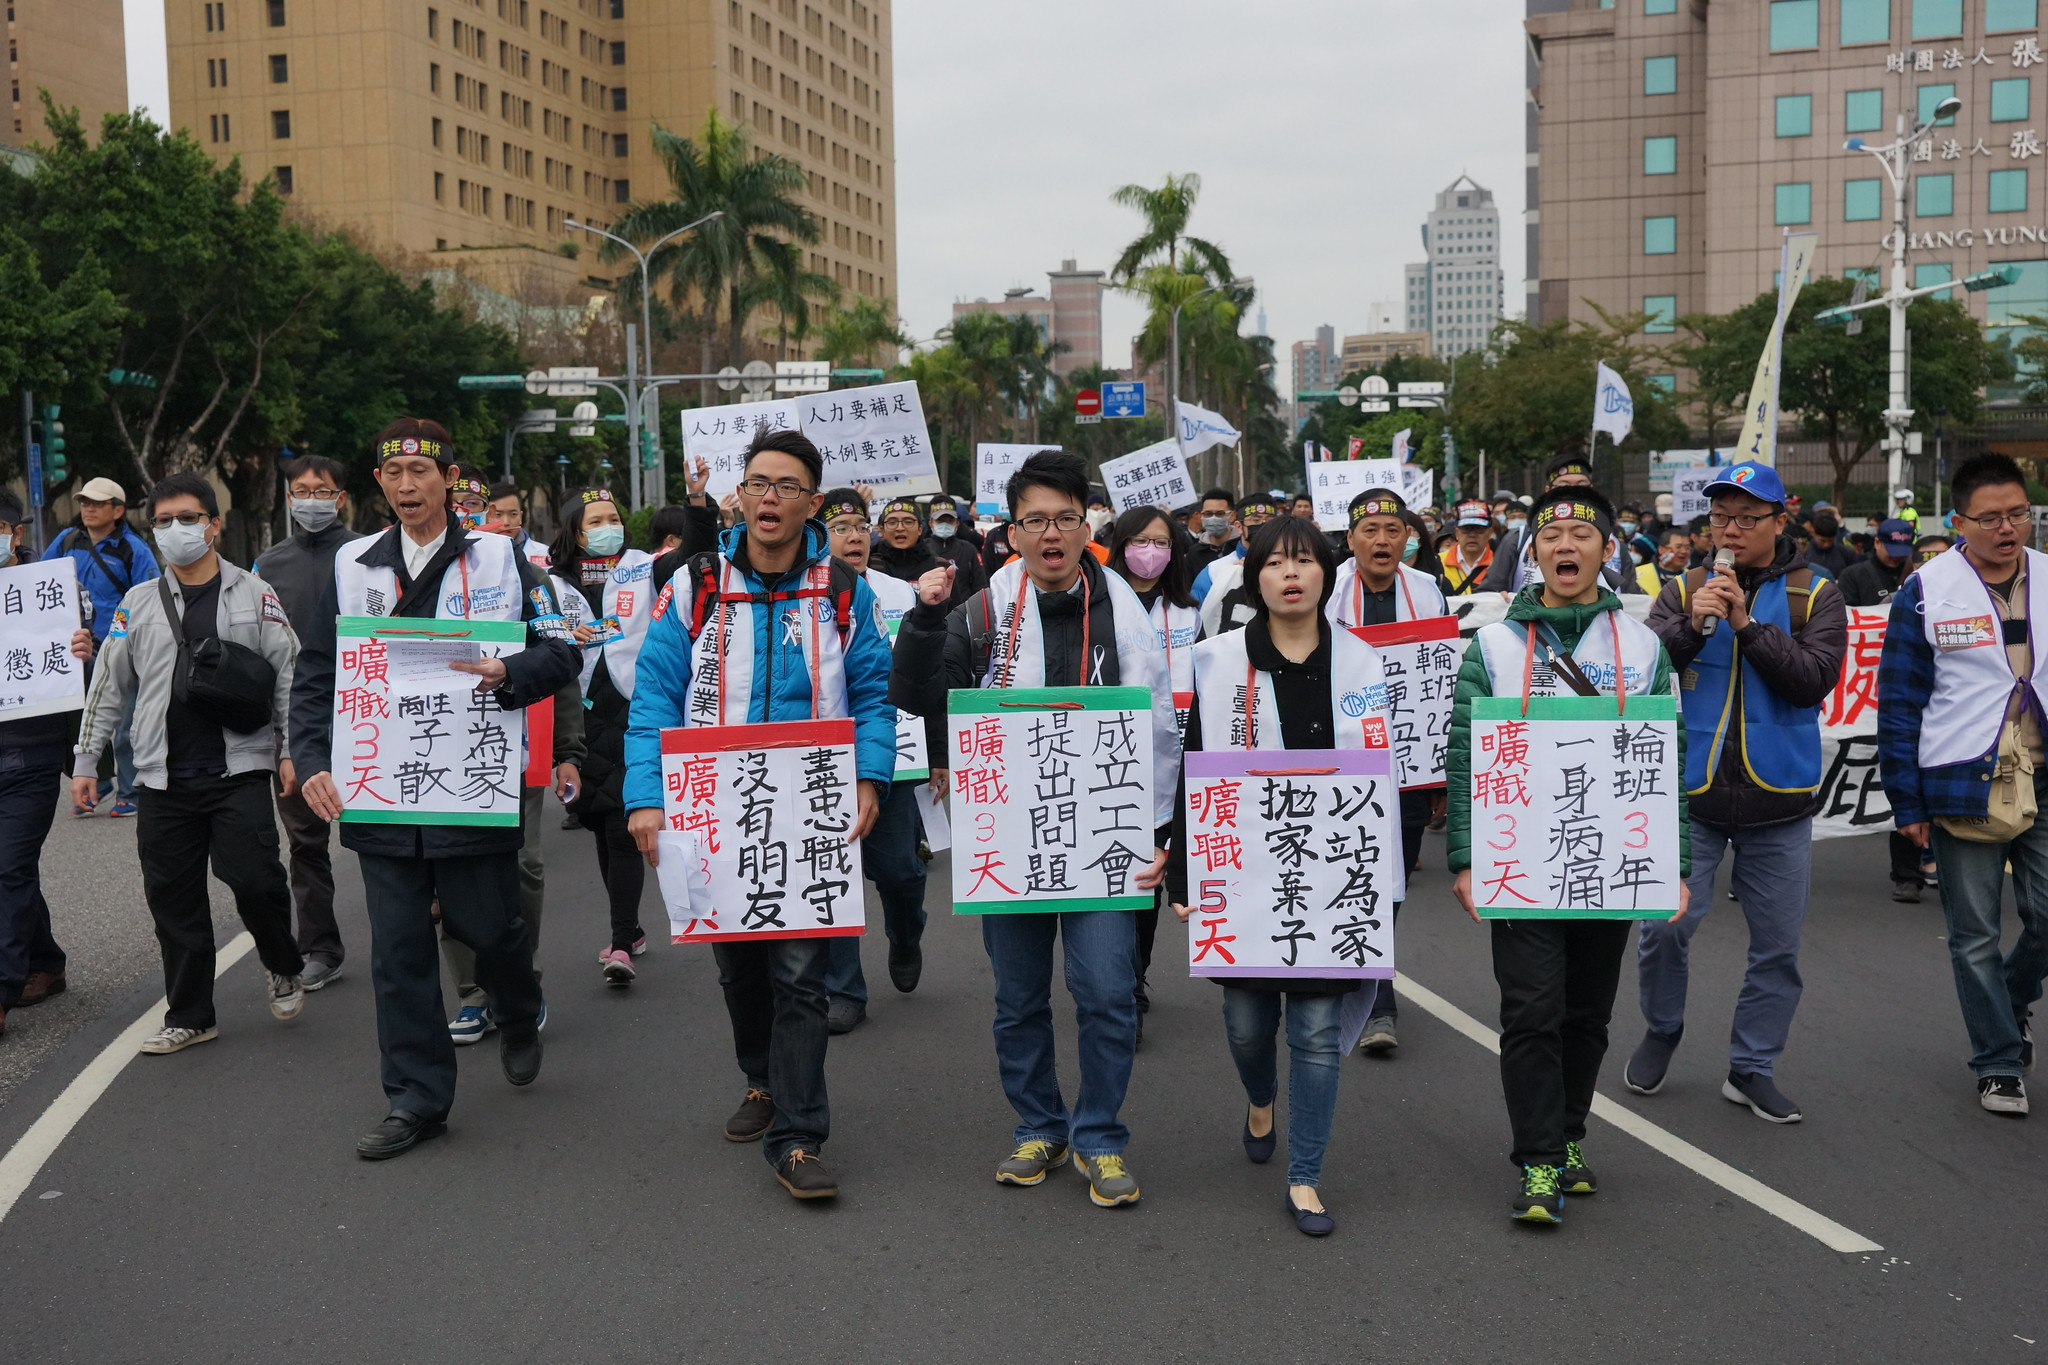 工会一路游行至凯道。(摄影:王颢中)